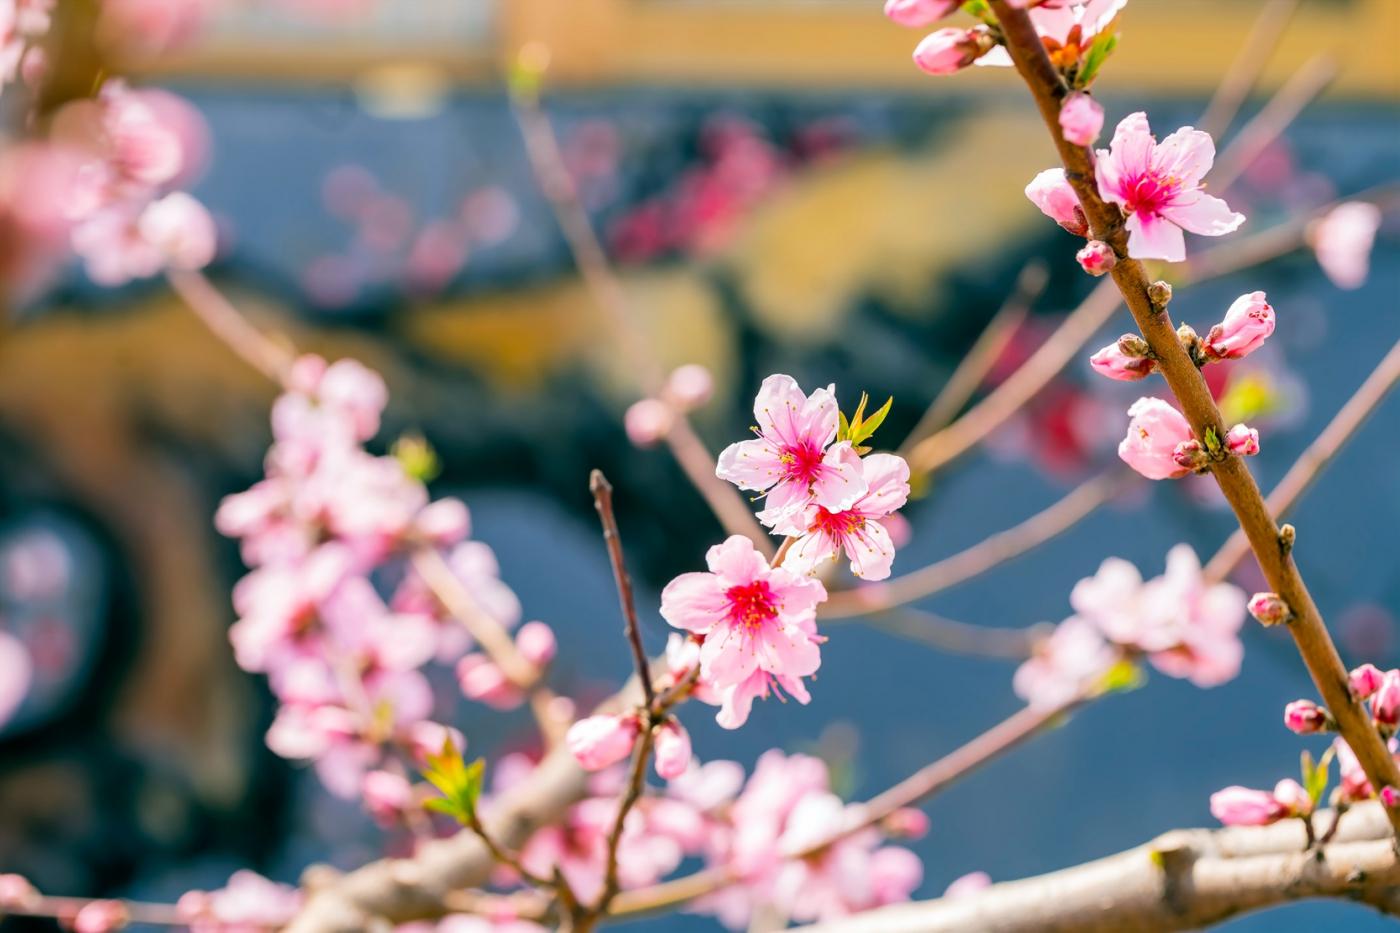 桃花摄影:花非花 画非画 花中有画 画中有花_图1-7